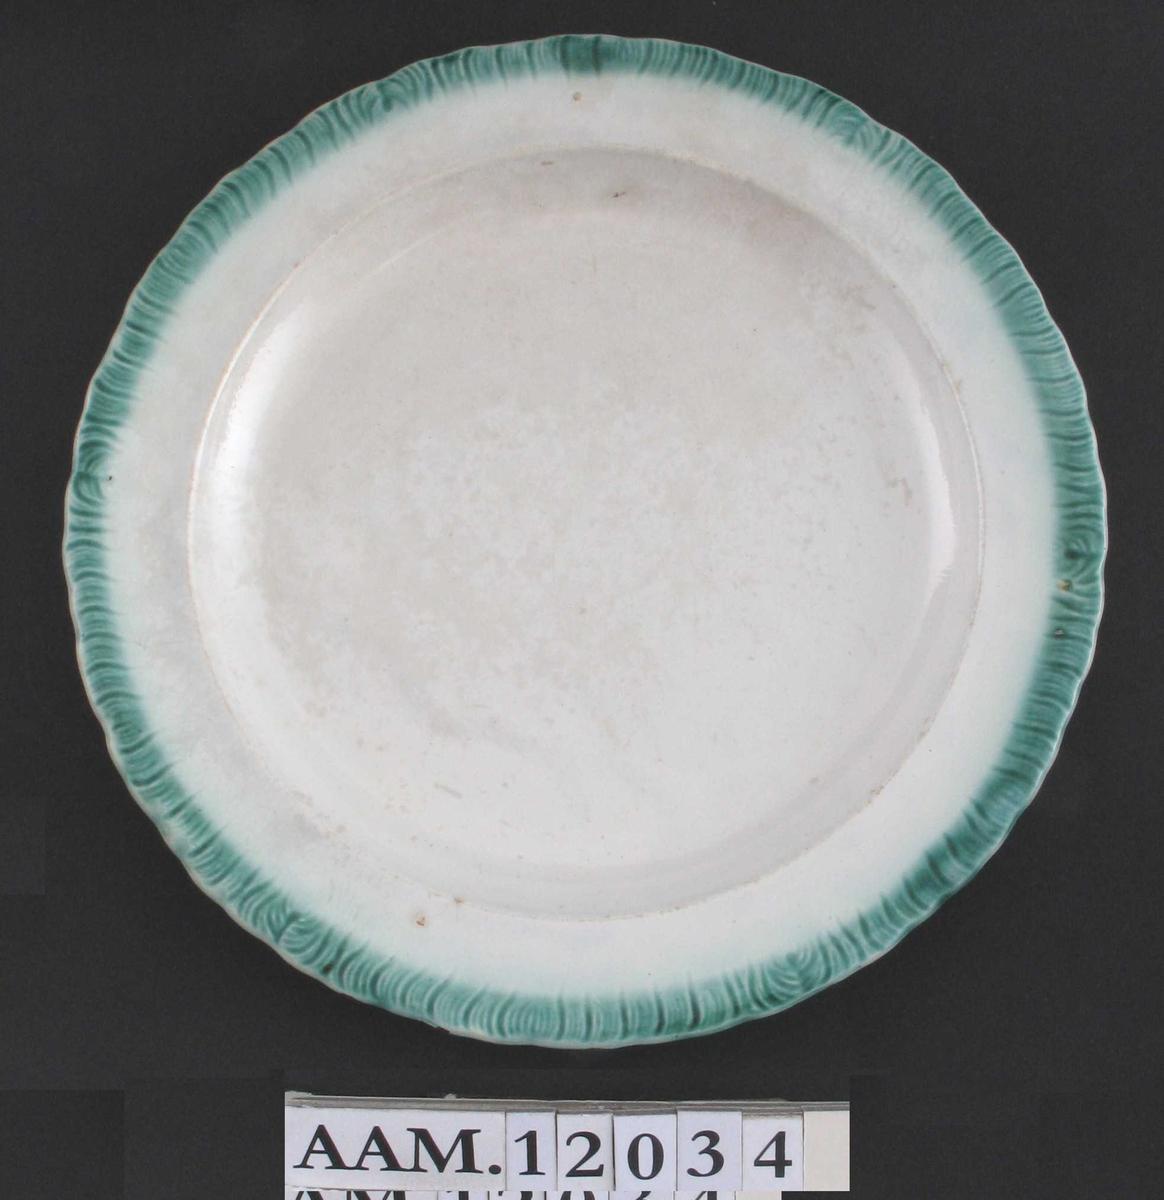 Tallerken, Cream ware,  grønn kantbord.  Stor flat tallerken,  rillet kant,  fylt med grønn farge. Ustemplet.  Tilstand: god.